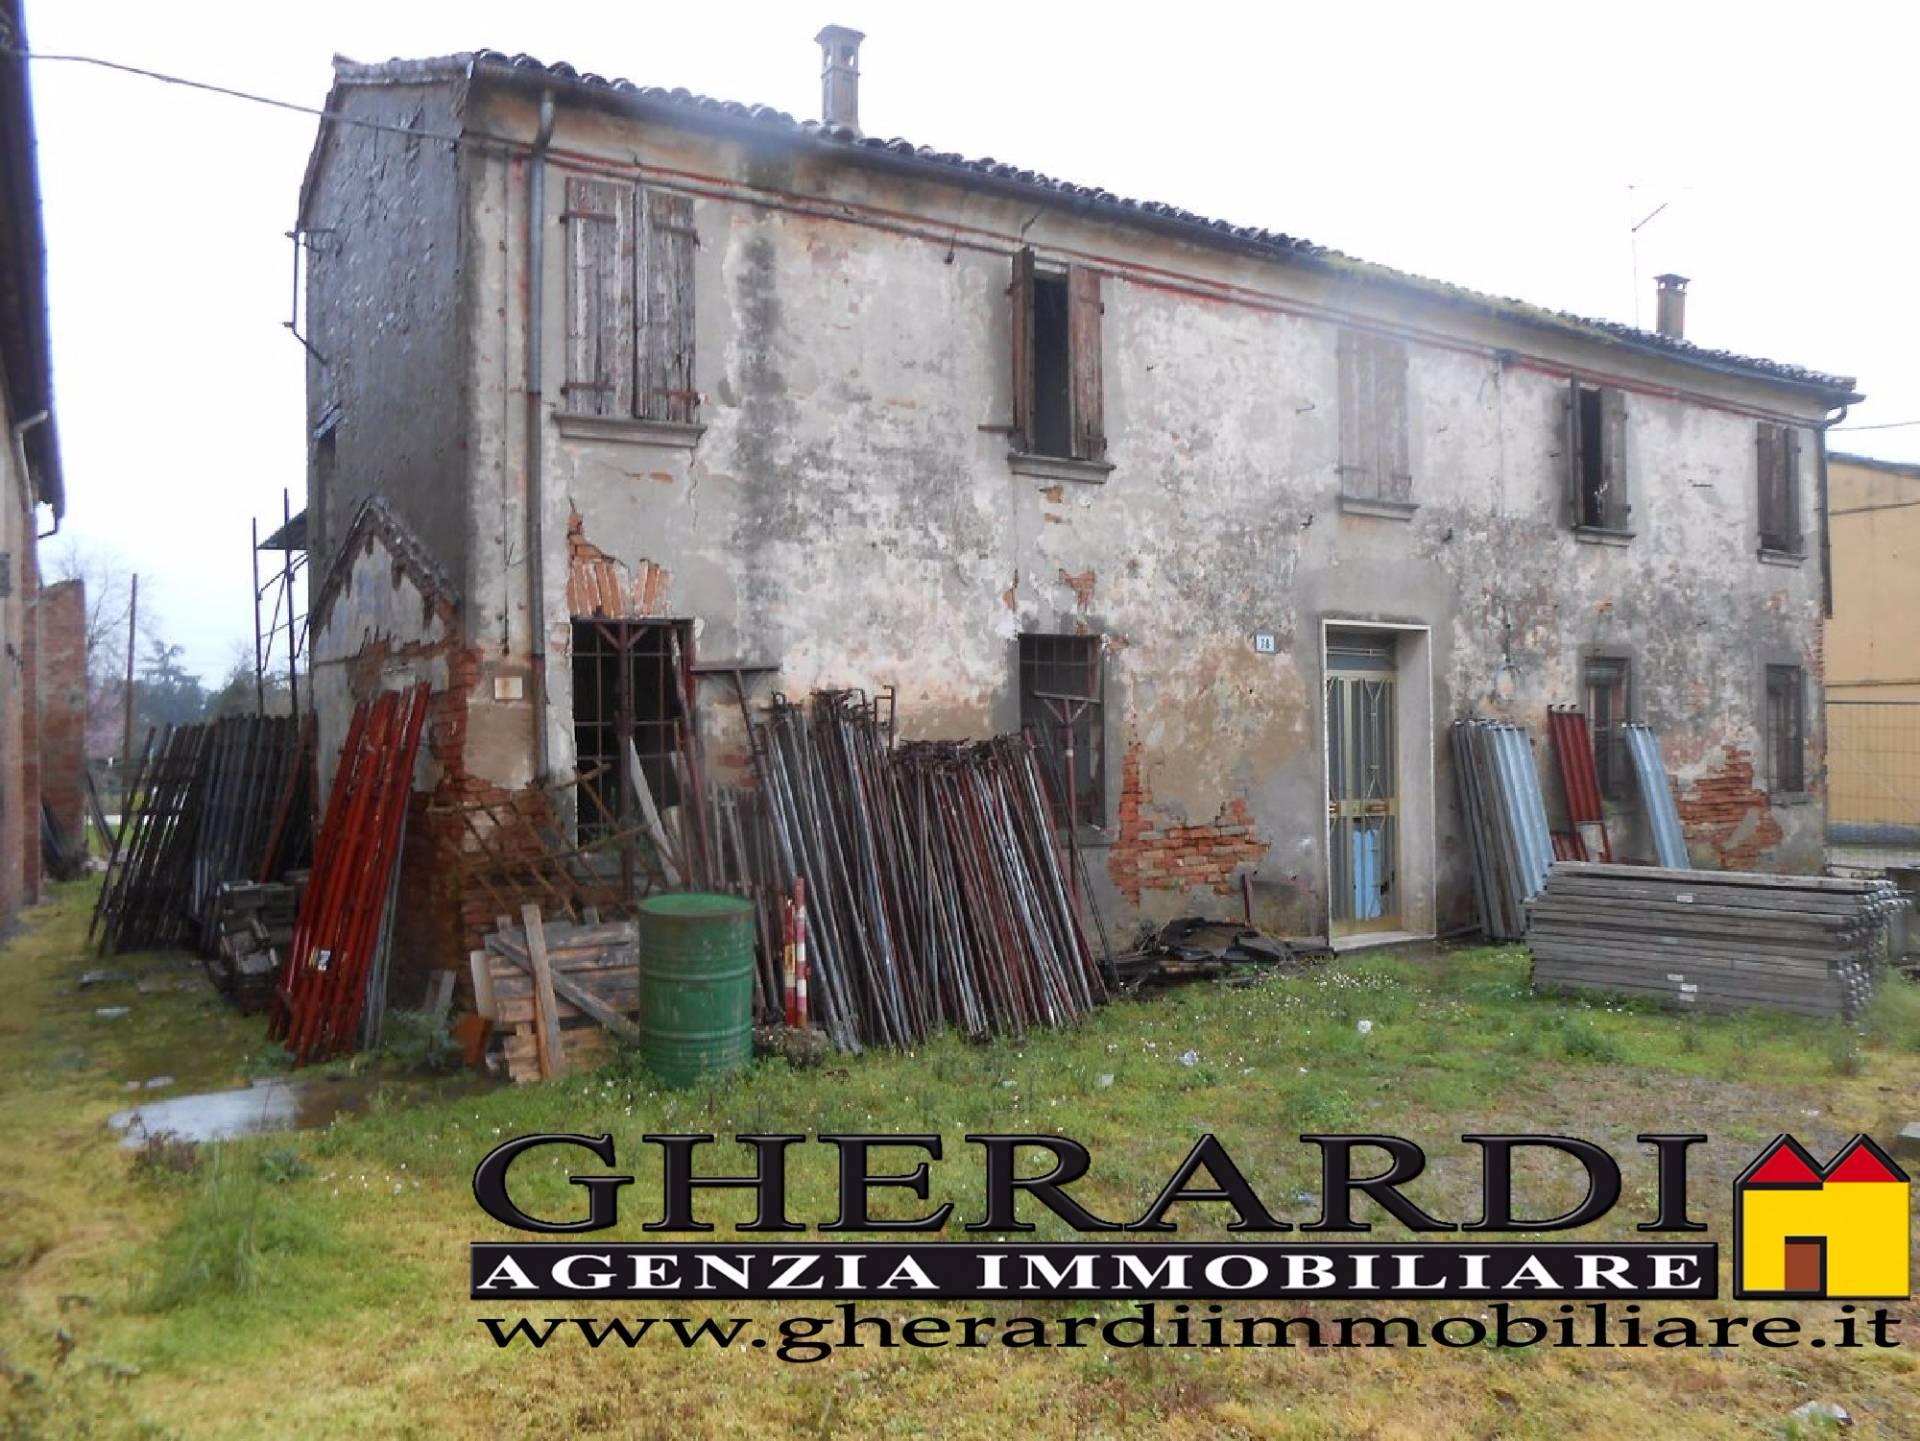 Soluzione Indipendente in vendita a Portomaggiore, 8 locali, zona Zona: Gambulaga, prezzo € 49.000 | Cambio Casa.it